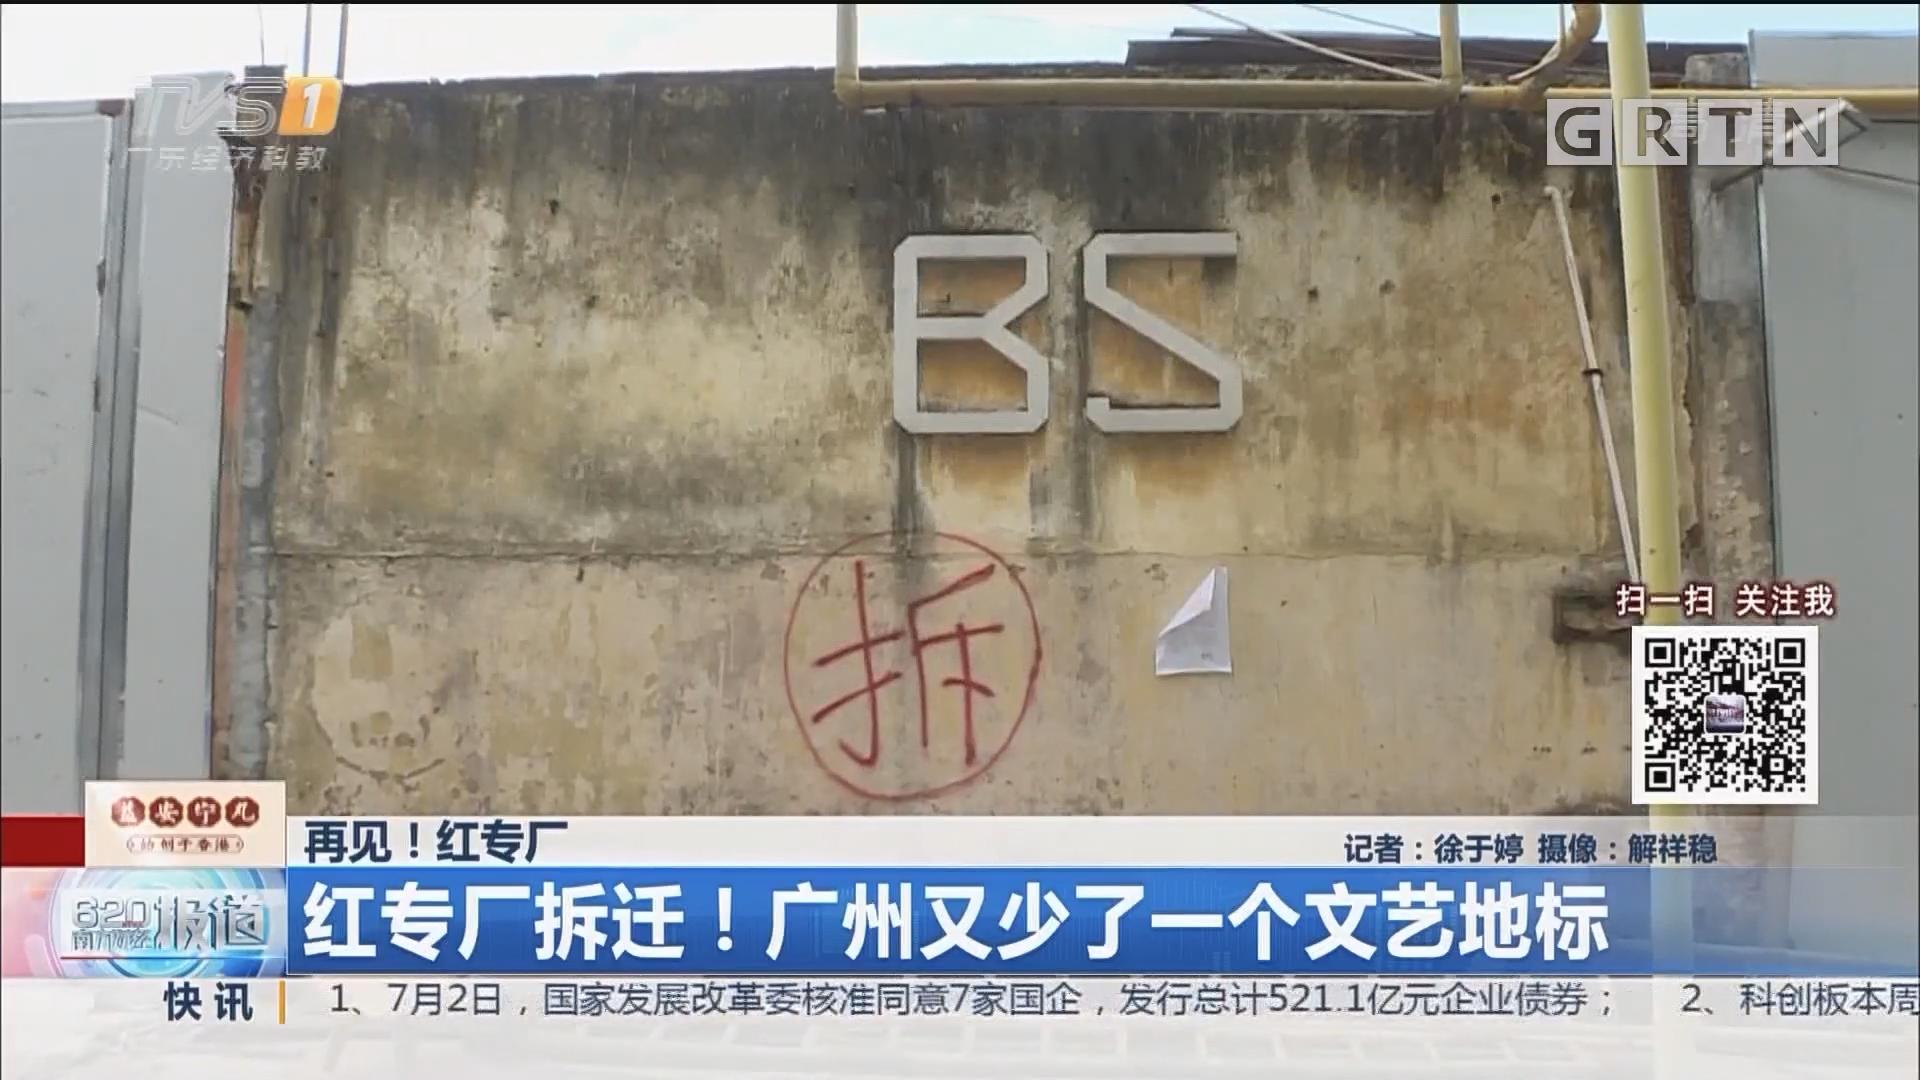 再见!红专厂:红专厂拆迁!广州又少了一个文艺地标